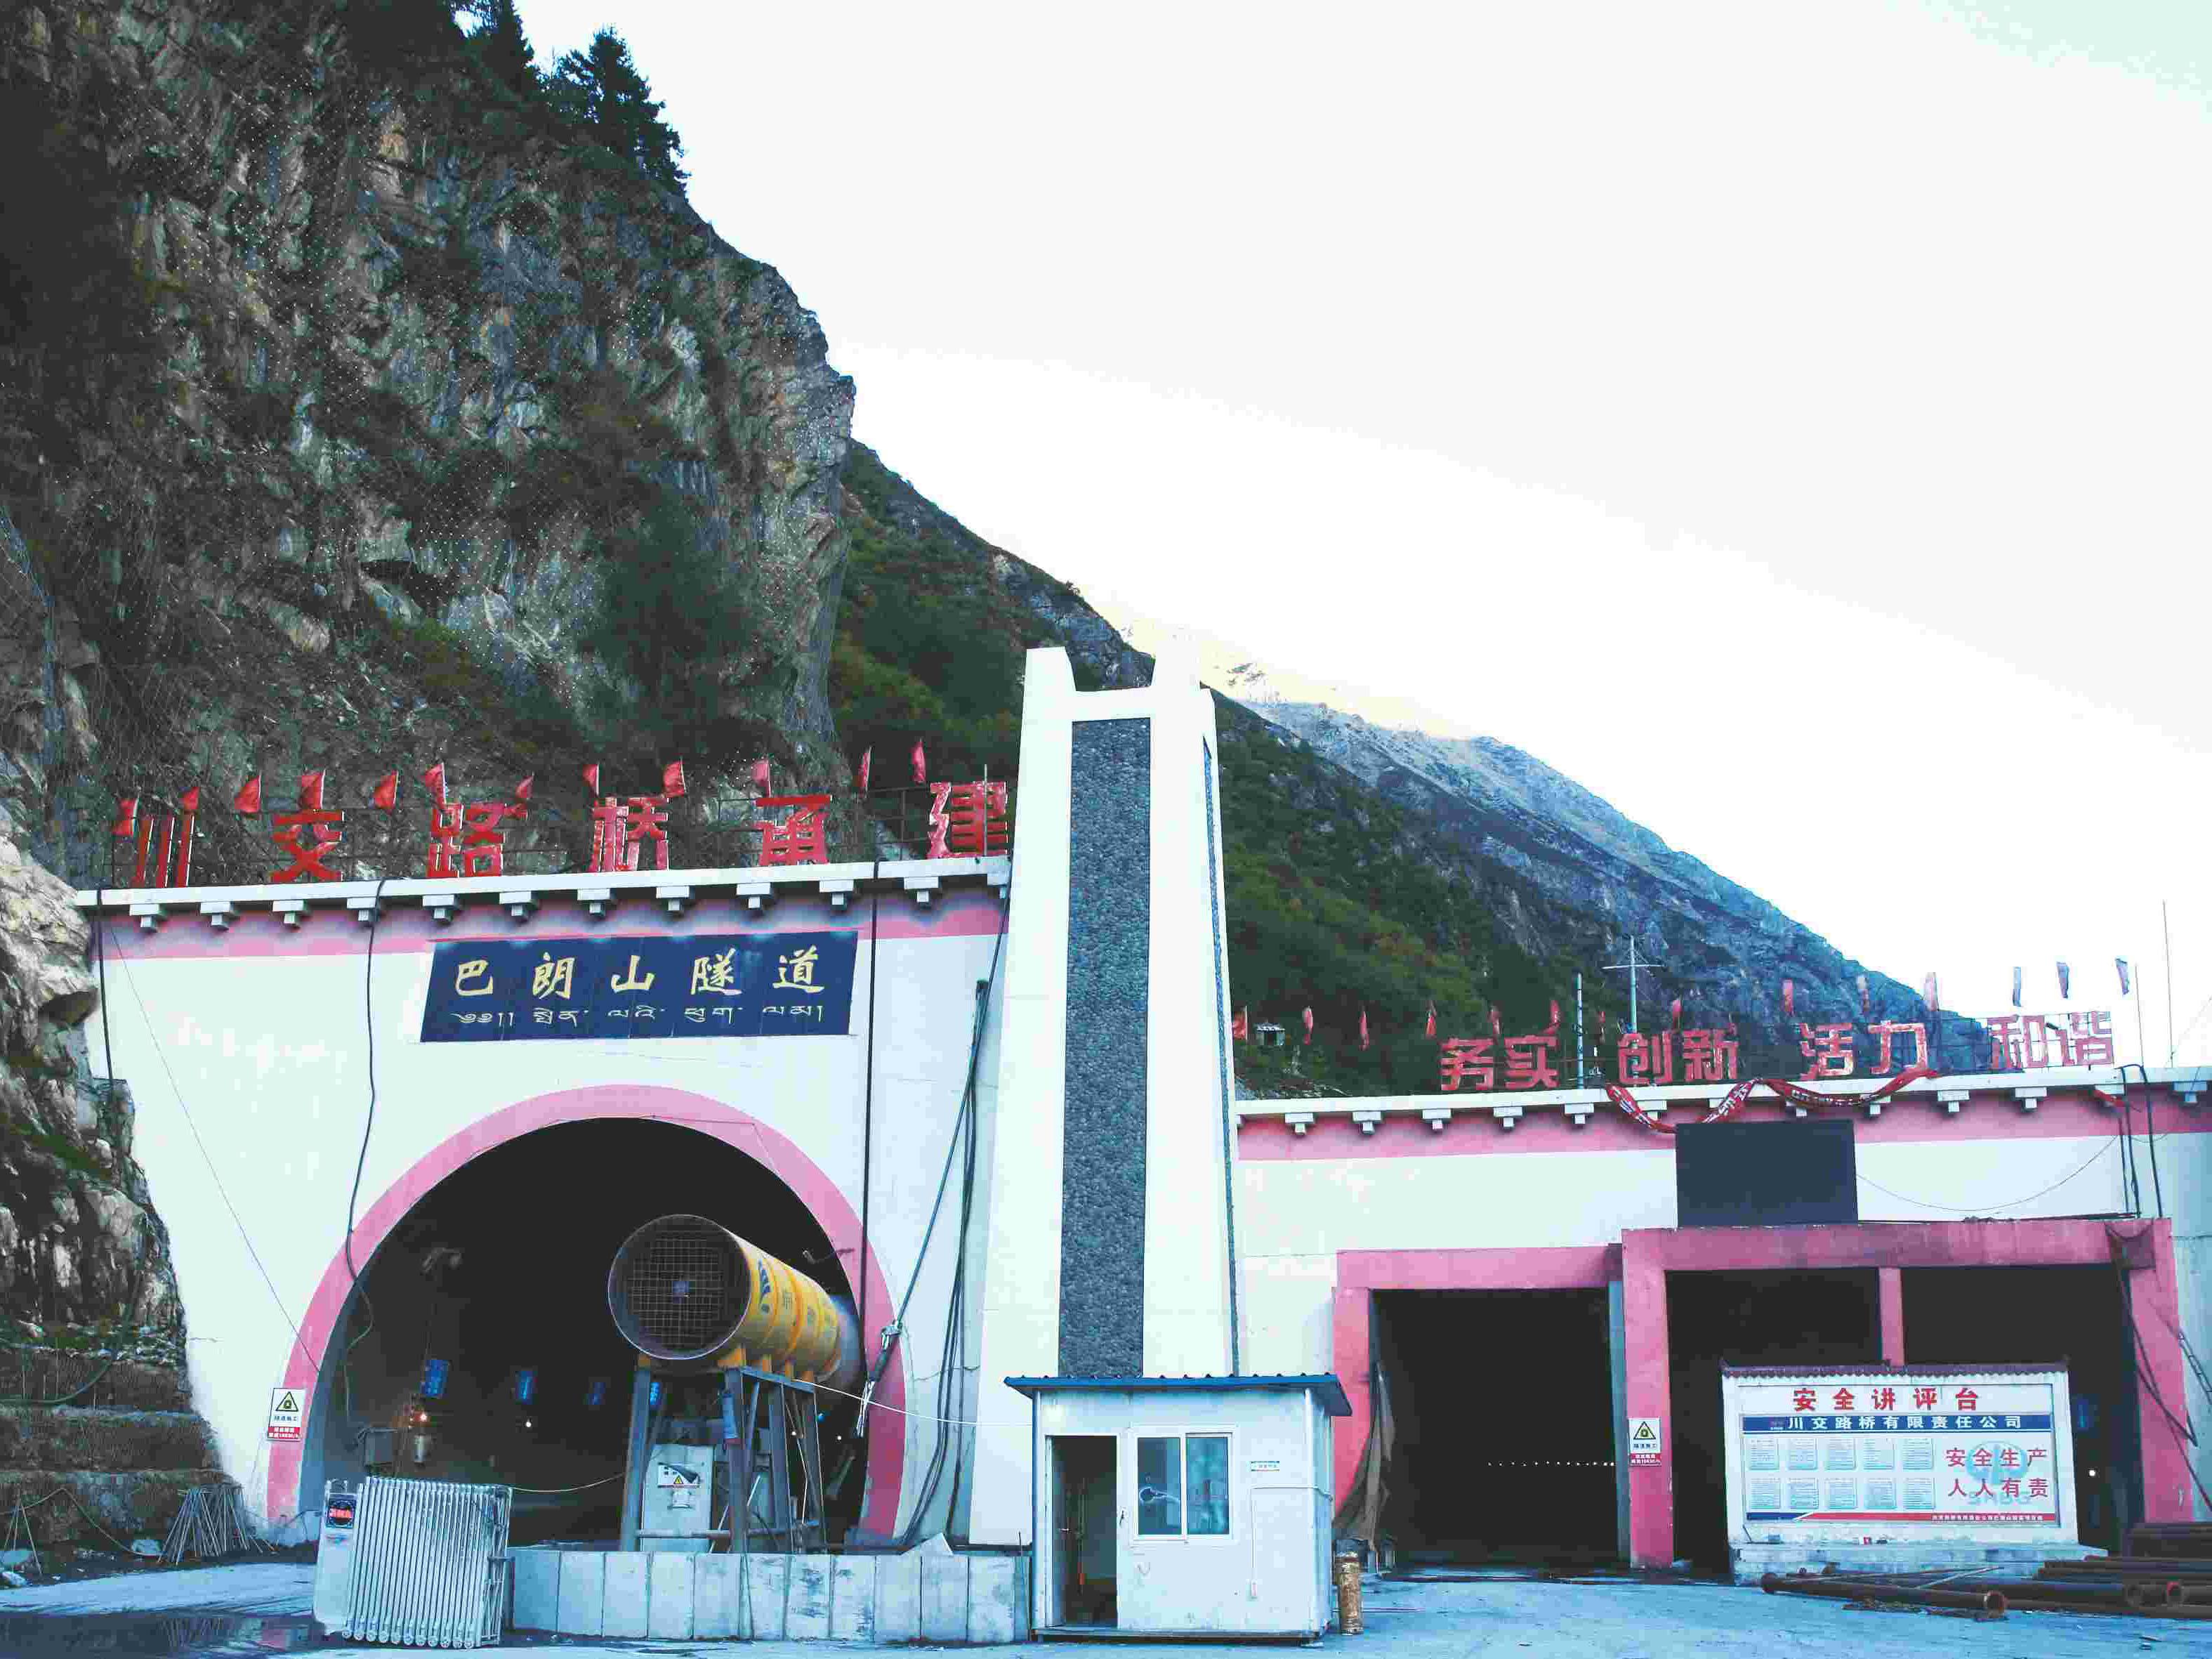 巴郎山隧道